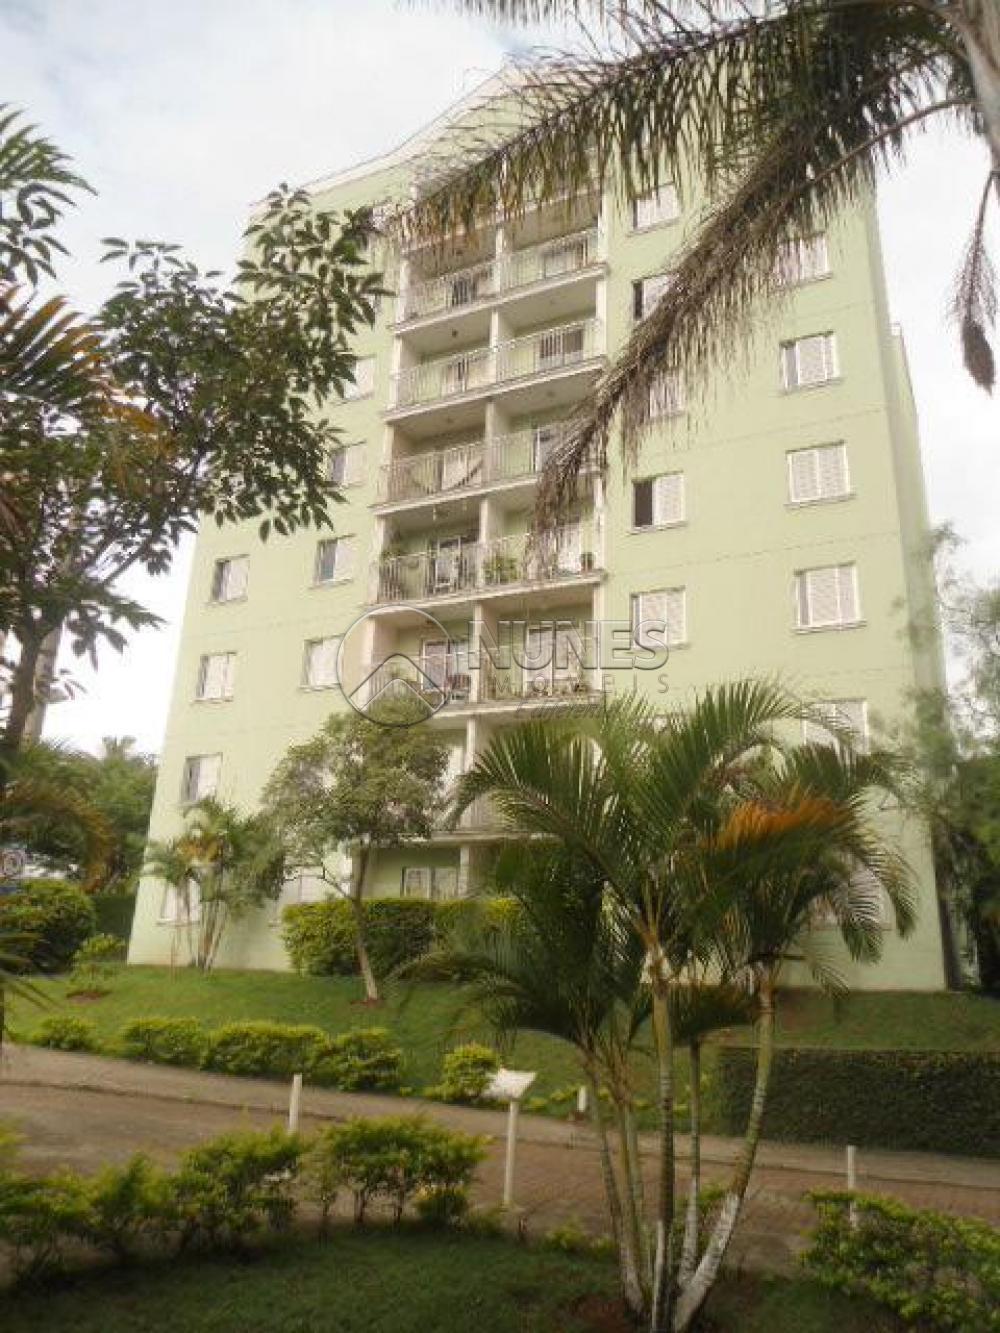 Comprar Apartamento / Padrão em São Paulo apenas R$ 300.000,00 - Foto 16